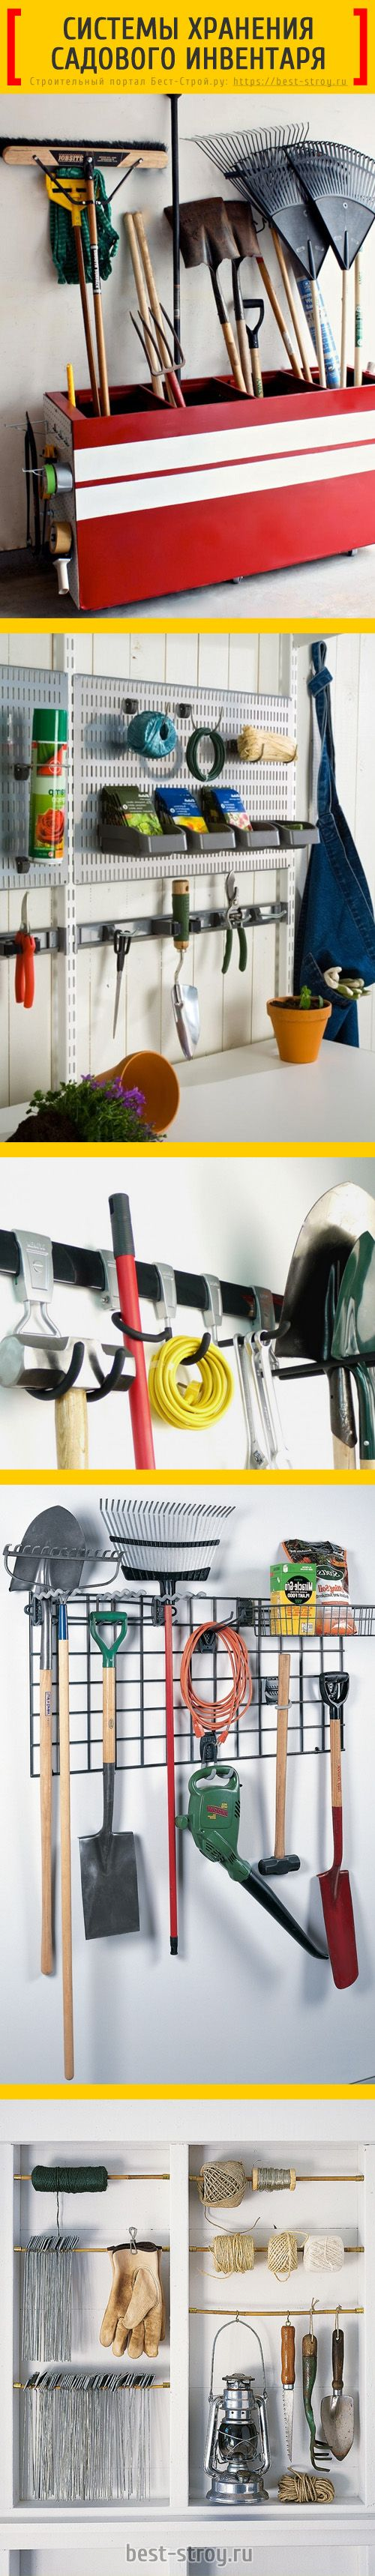 Системы хранения садового инвентаря.